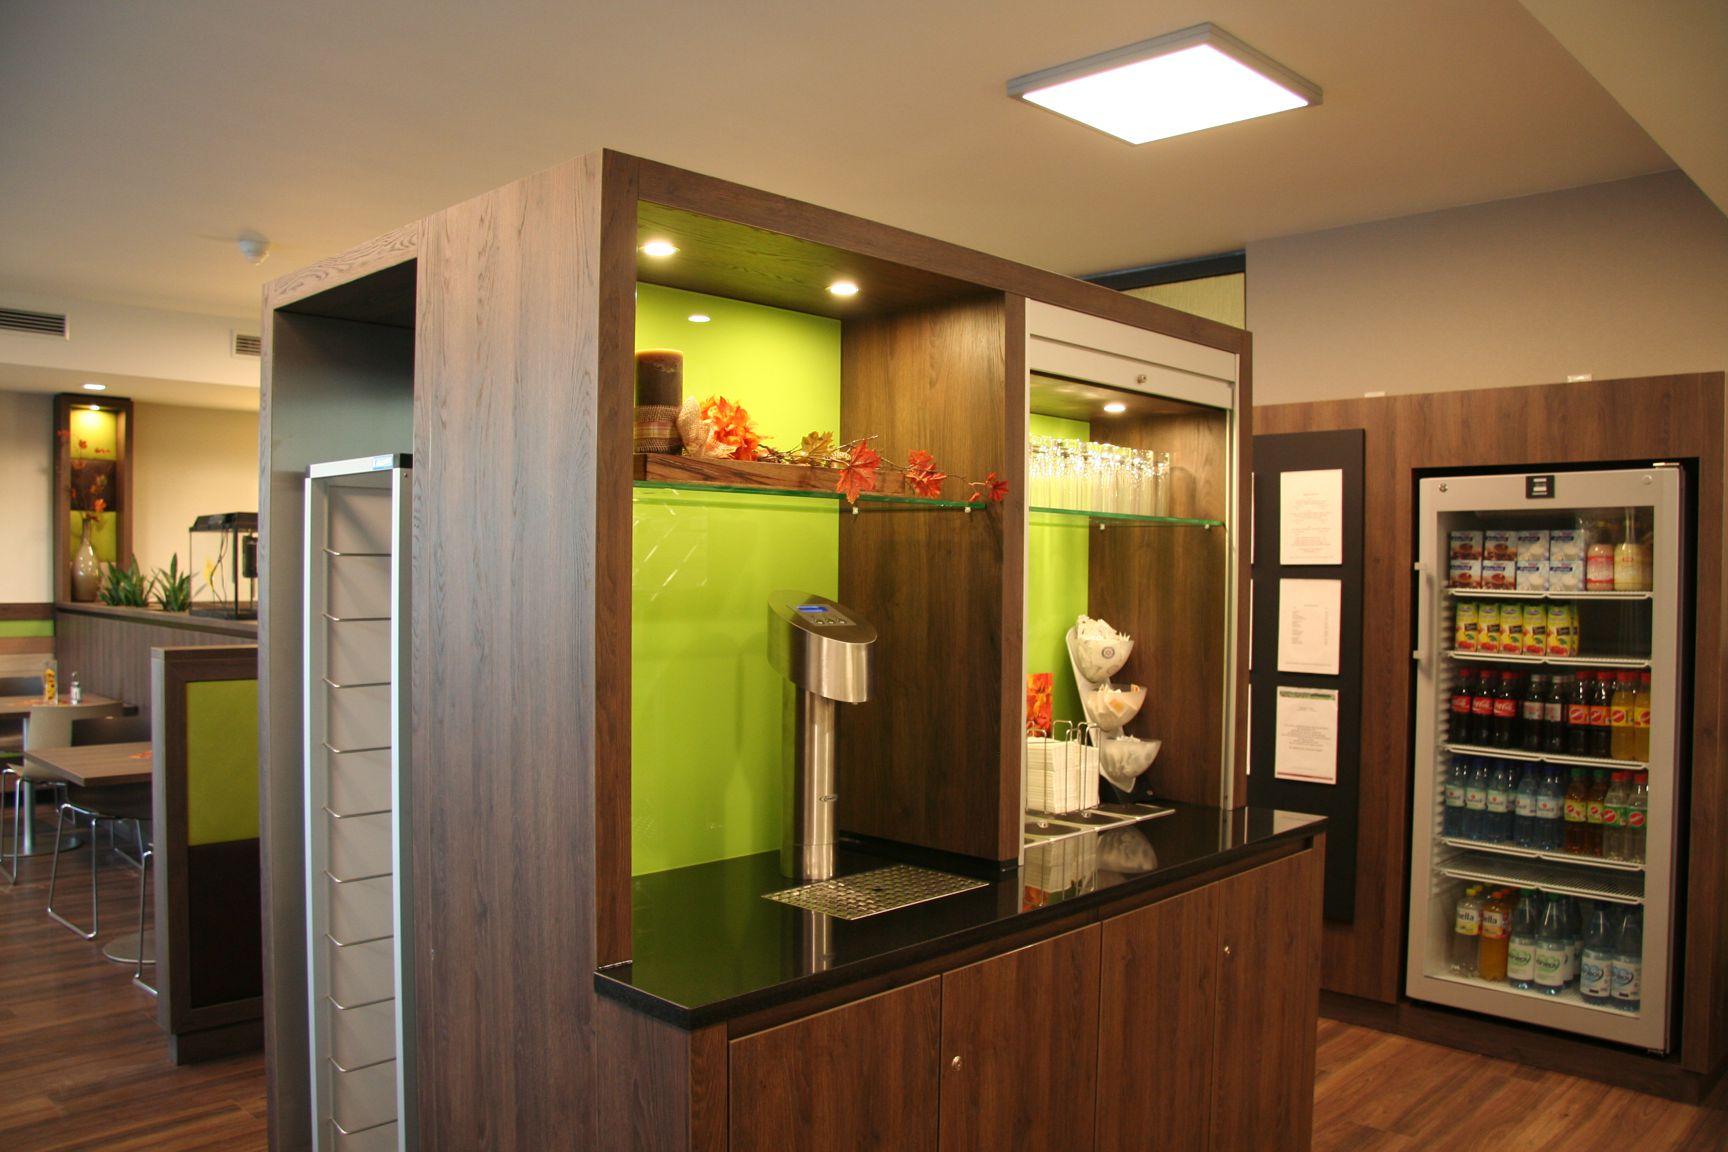 tischlerei gilhaus arbeit. Black Bedroom Furniture Sets. Home Design Ideas